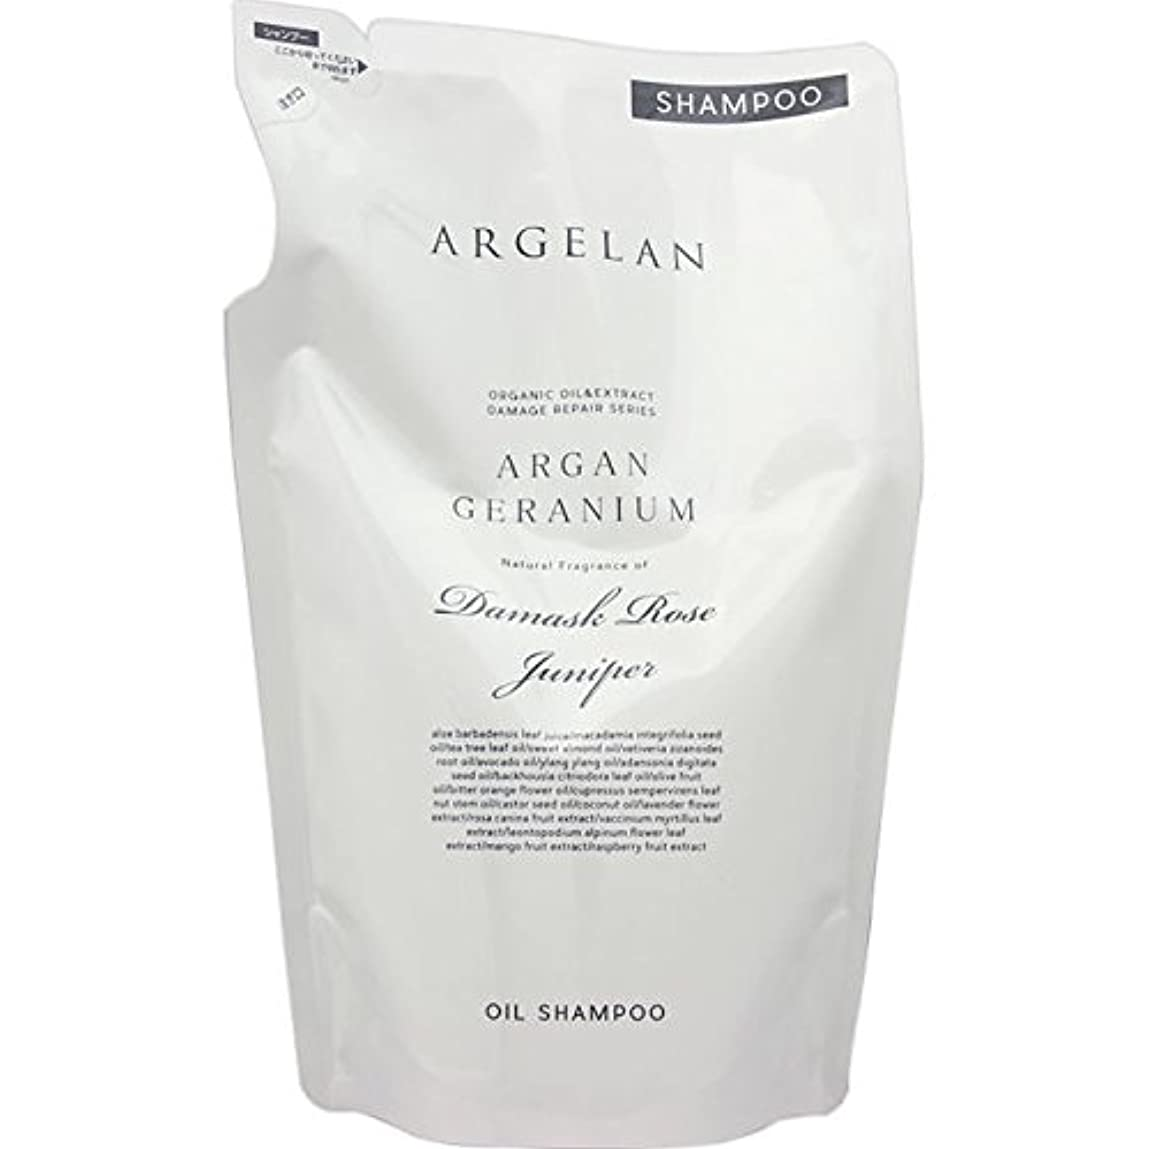 弱まる魅力的であることへのアピール刺繍アルジェラン オーガニック 手搾りアルガン オイル シャンプー 詰替え用 400ml詰替